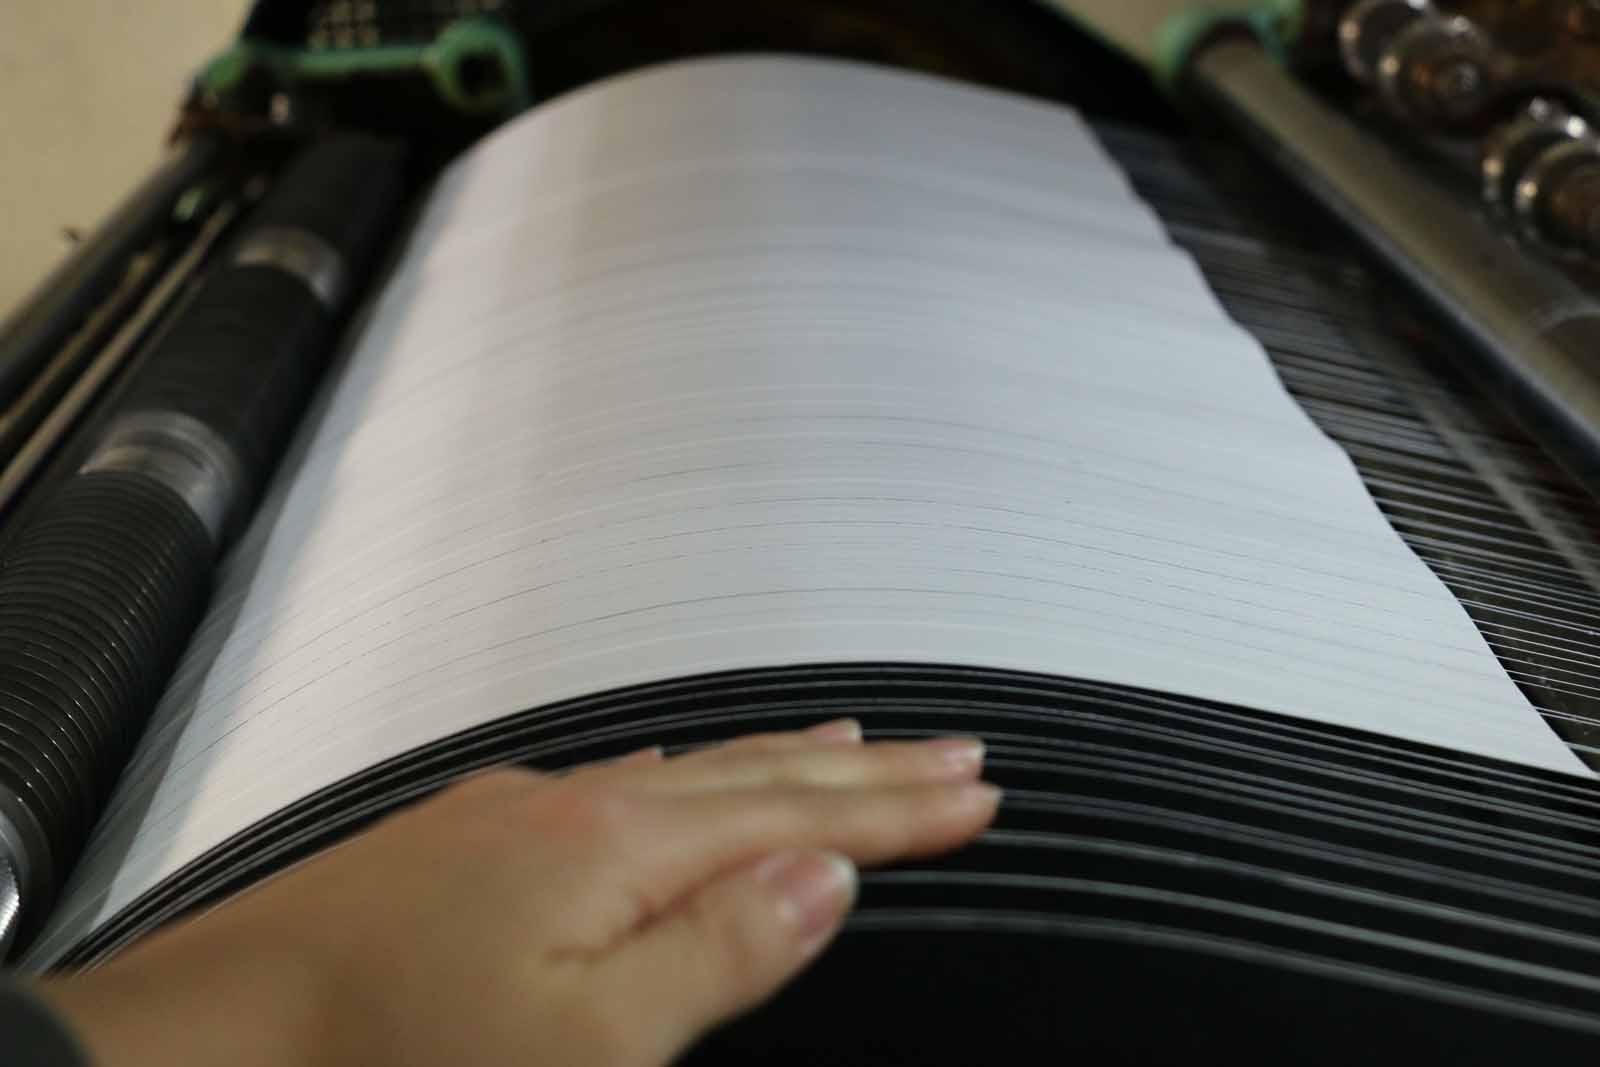 インクがすぐ乾くよう、紙を送る土台にはヒーターが入っています